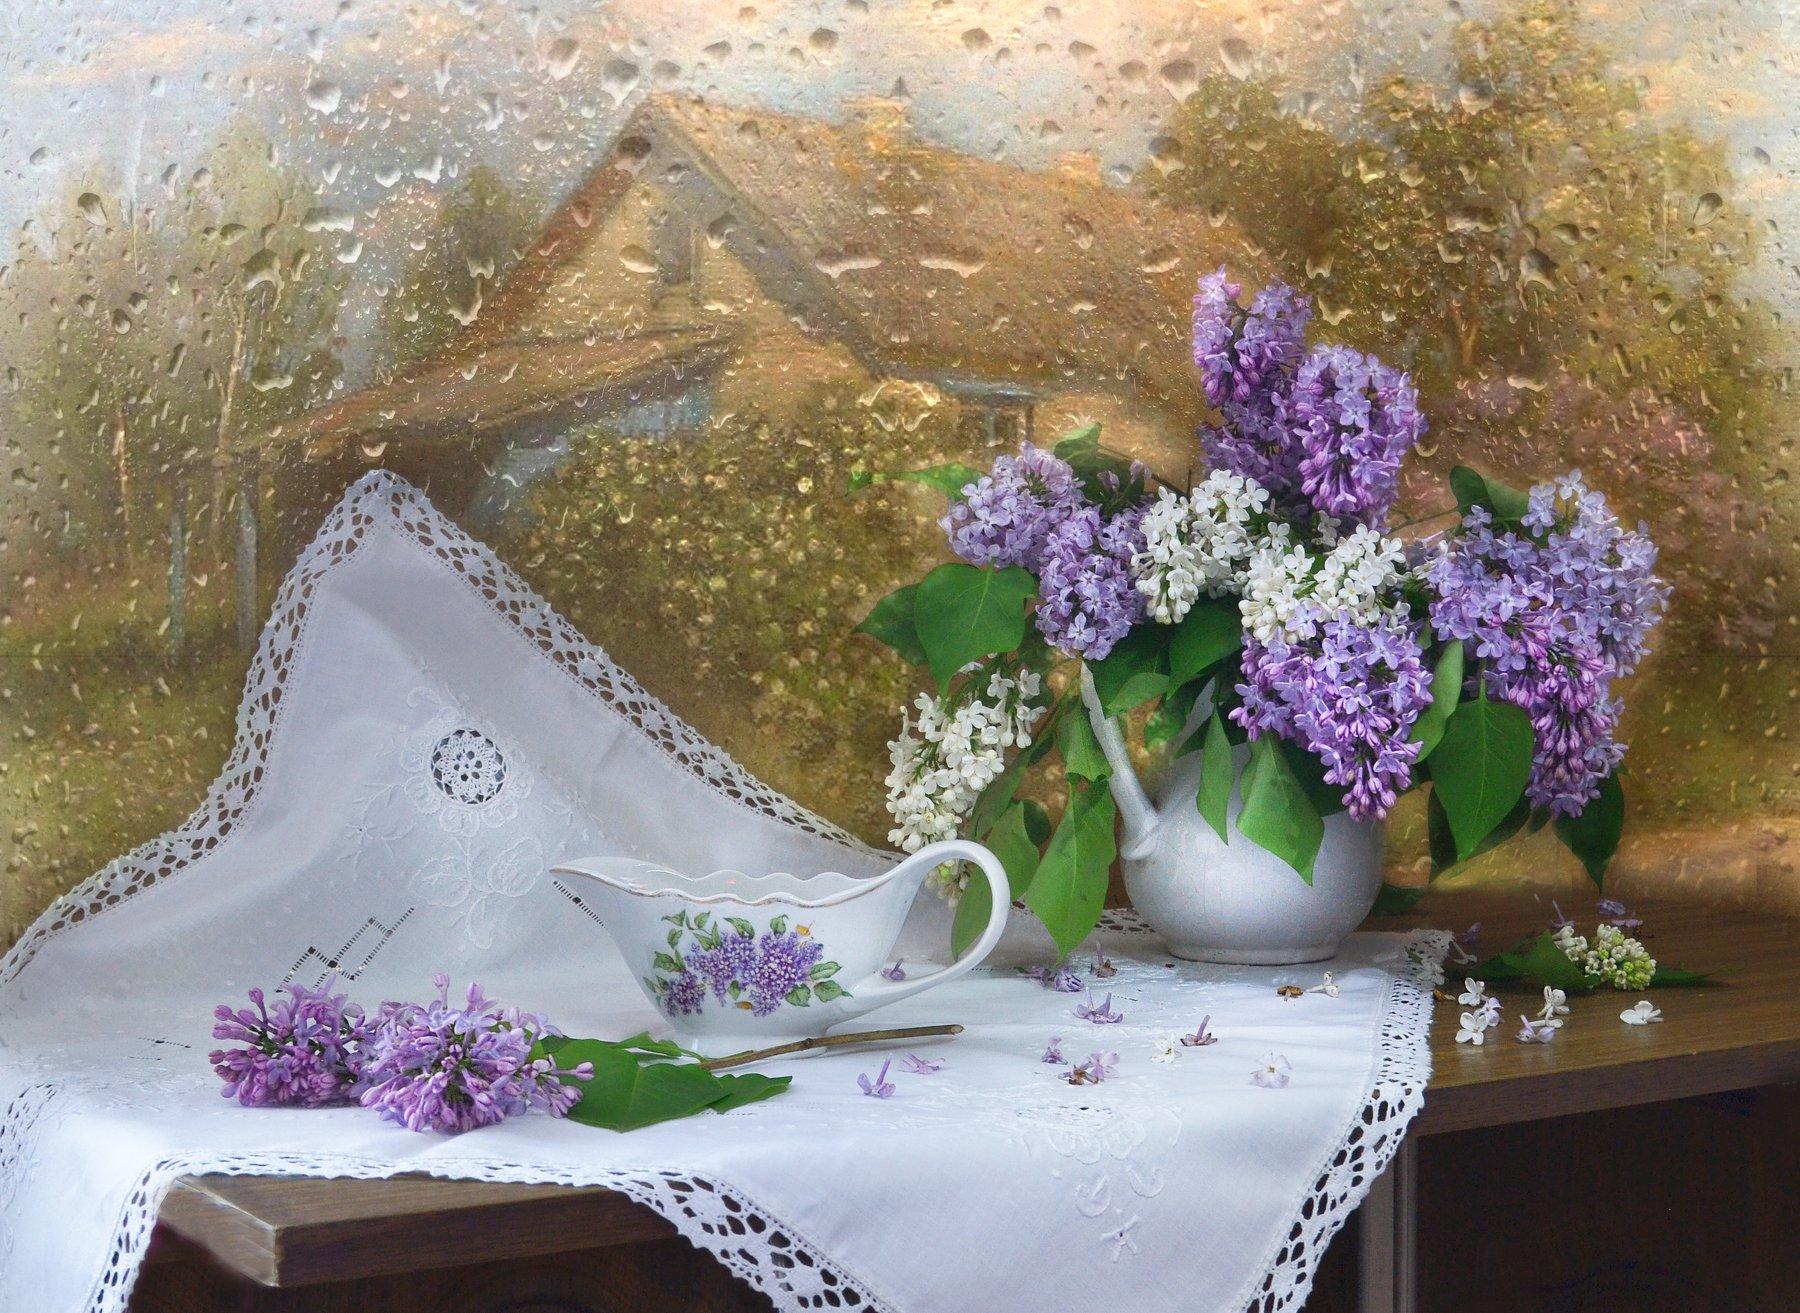 still life, натюрморт , июнь, летний дождь, лето, мокрое стекло, молочник, сиреневое счастье, сирень, стихи, фарфор, фото натюрморт, цветы, Колова Валентина